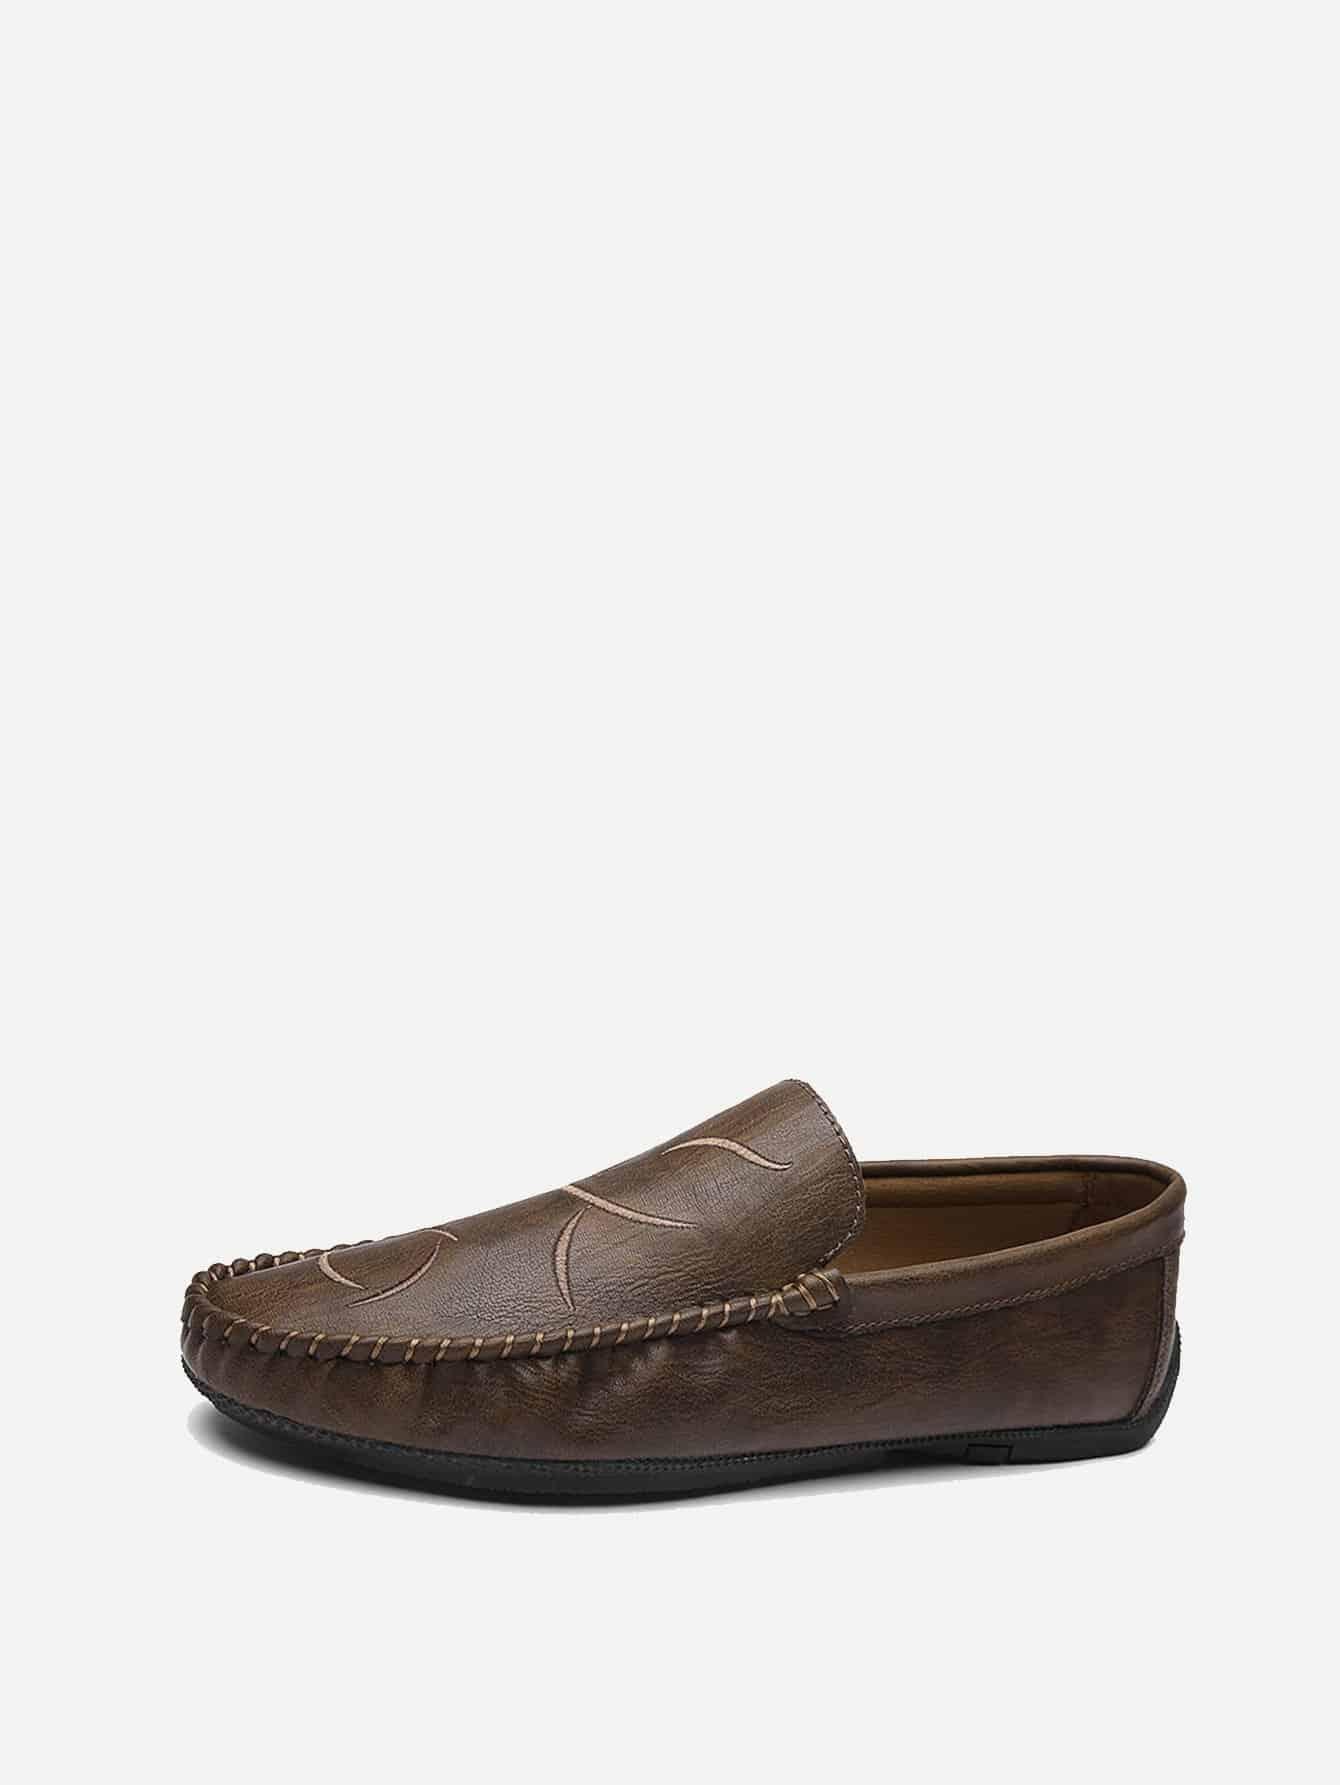 Купить Мужская обувь с вышивкой, null, SheIn